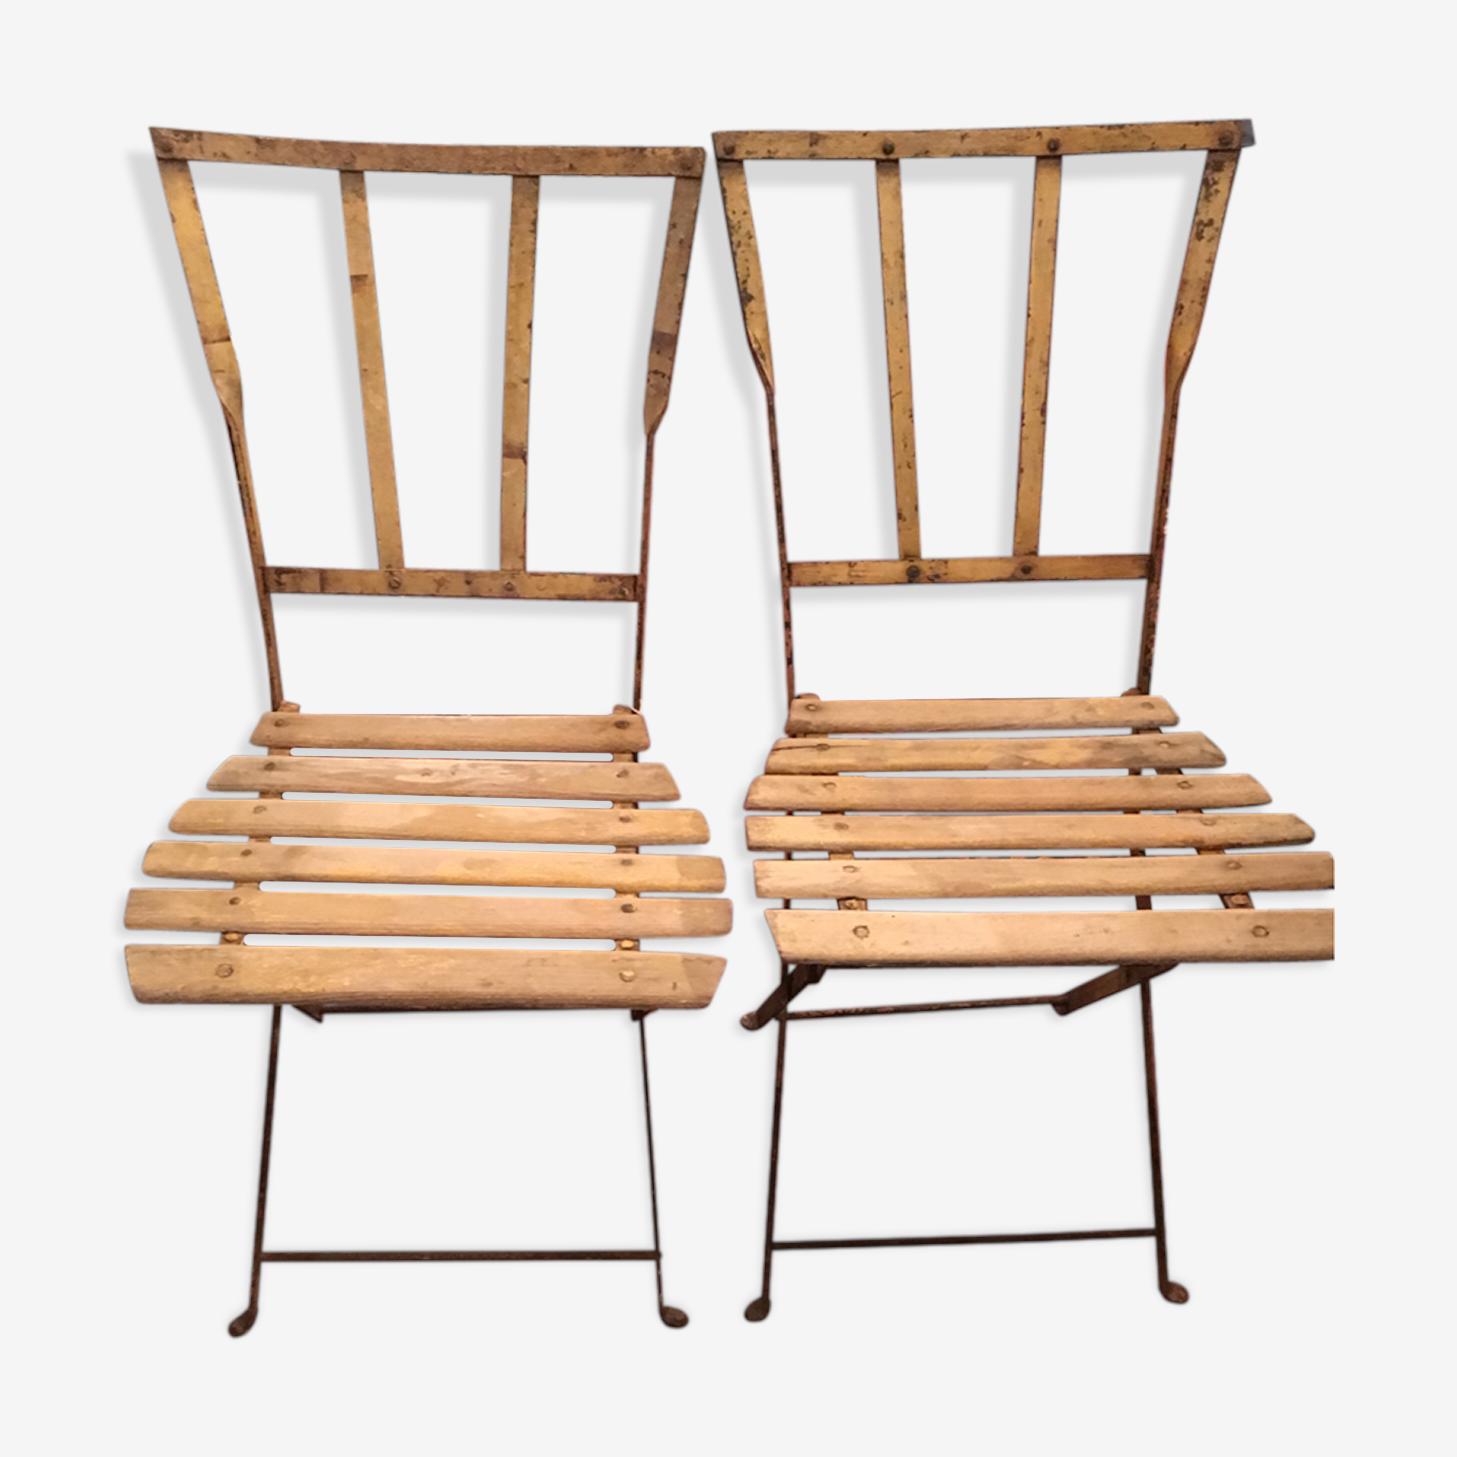 Paire chaises jardin années 1920